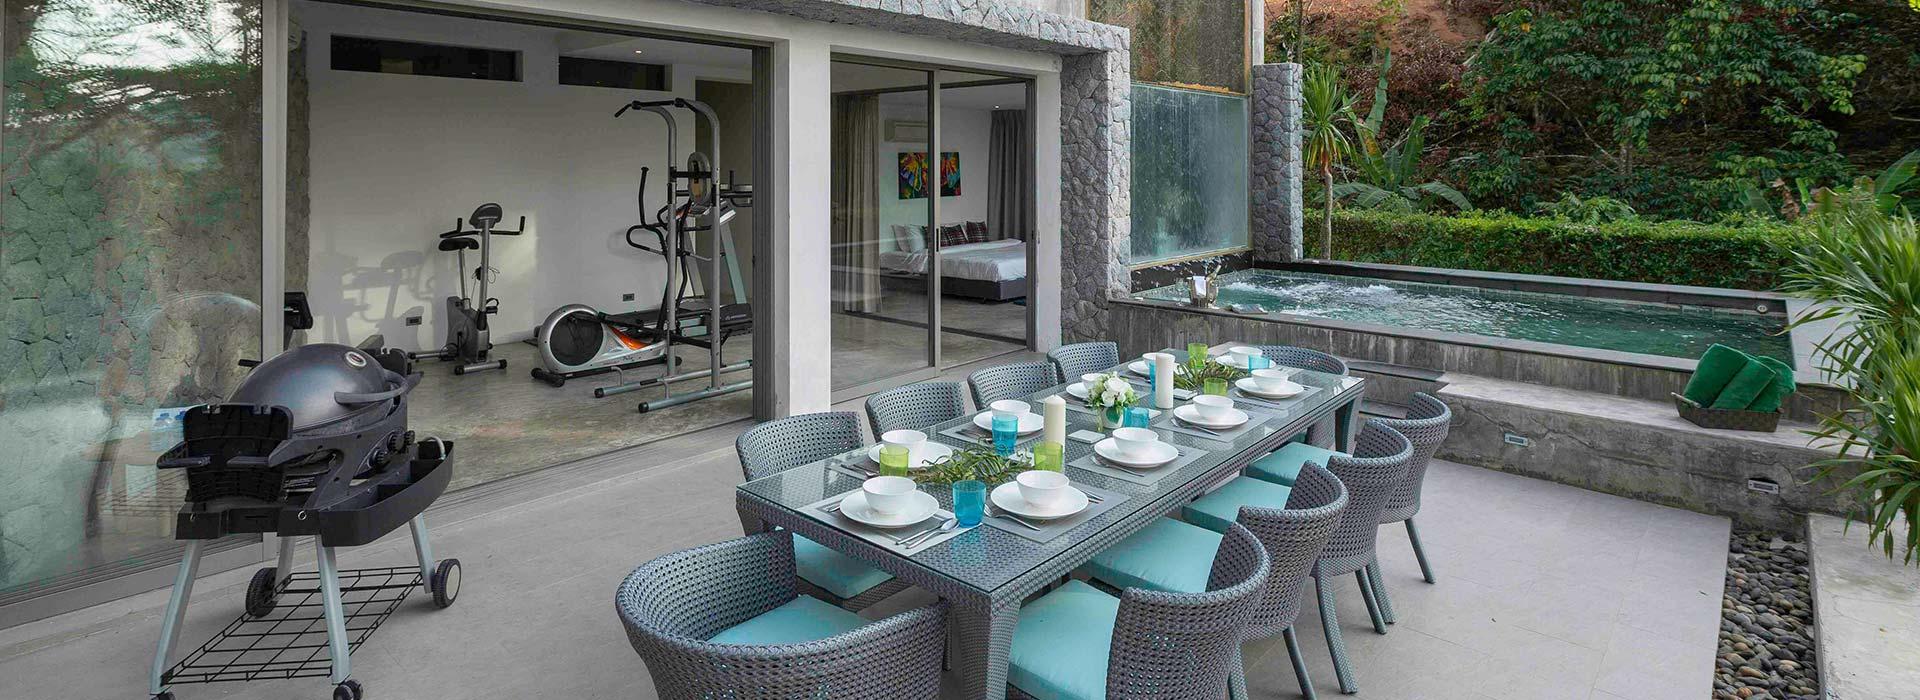 Kamonchat 7 Bed Villa<br>Kamala, Phuket